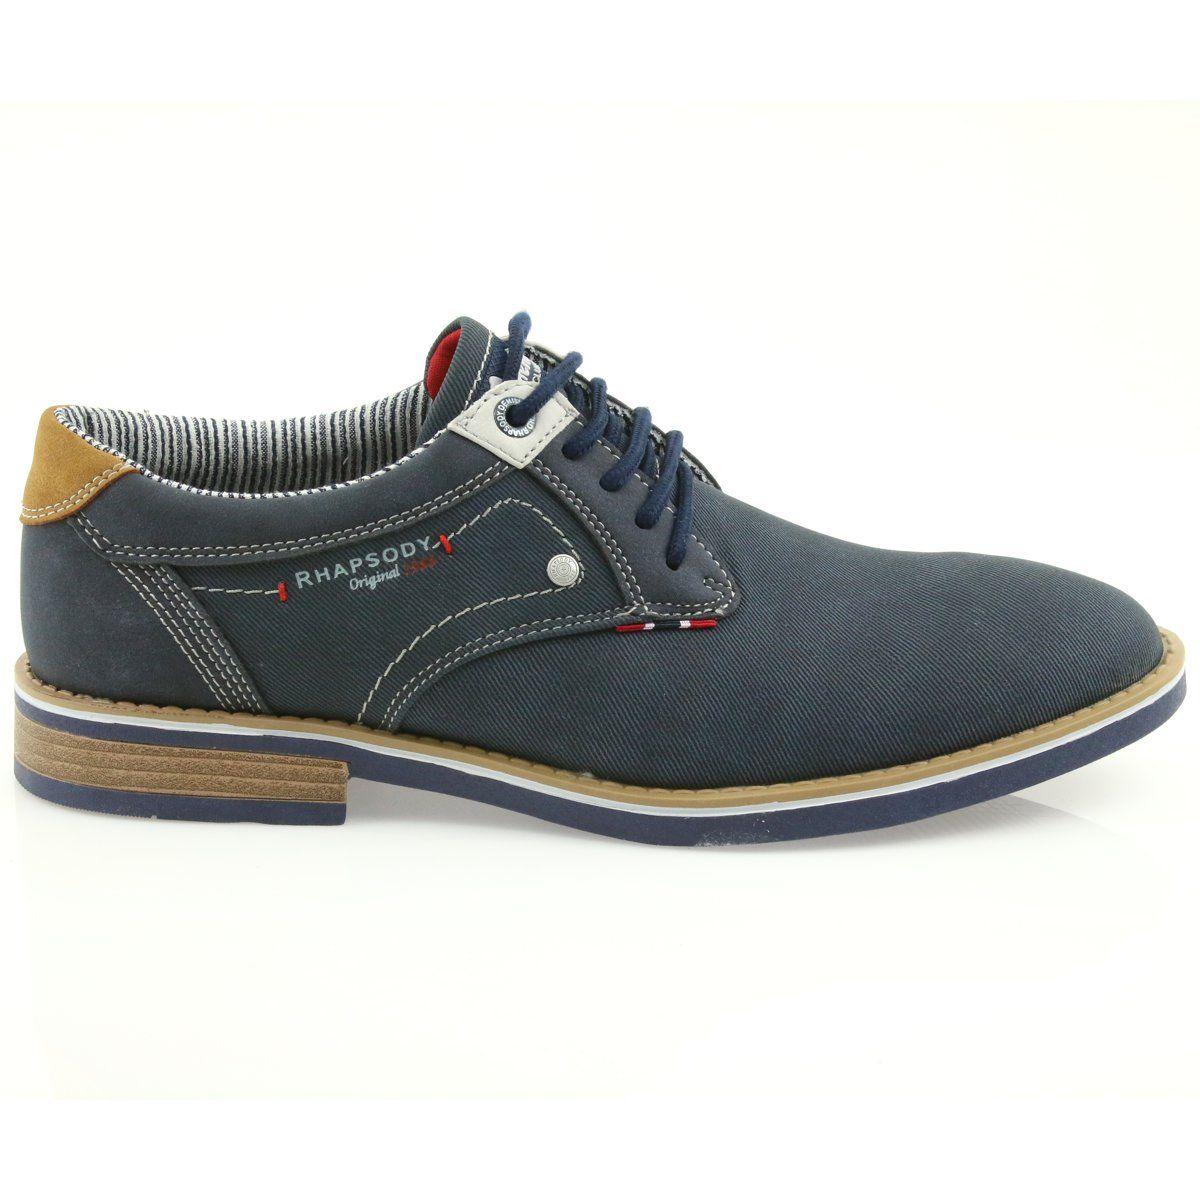 American Club Polbuty Buty Meskie Wiazane Rhapsody Rh08 Brazowe Granatowe Shoes Business Casual Attire For Men Men S Shoes